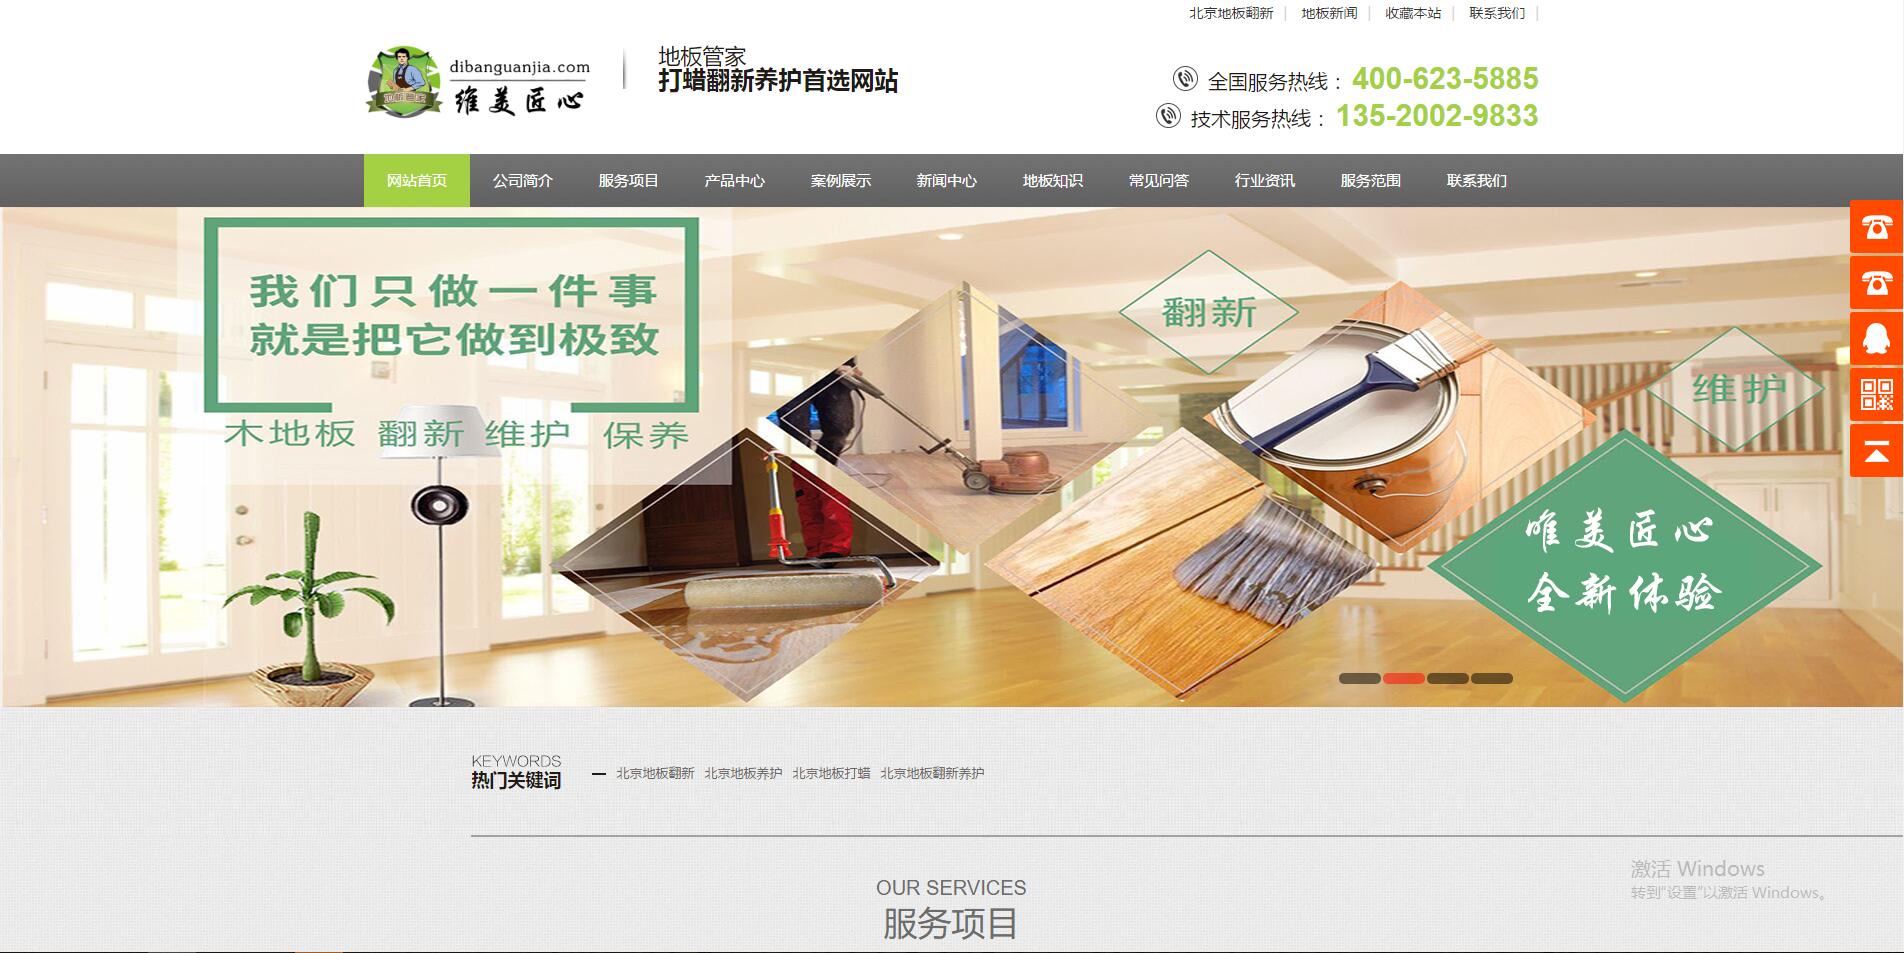 北京地板翻新_北京地板翻新打蜡公司SEO成功案例